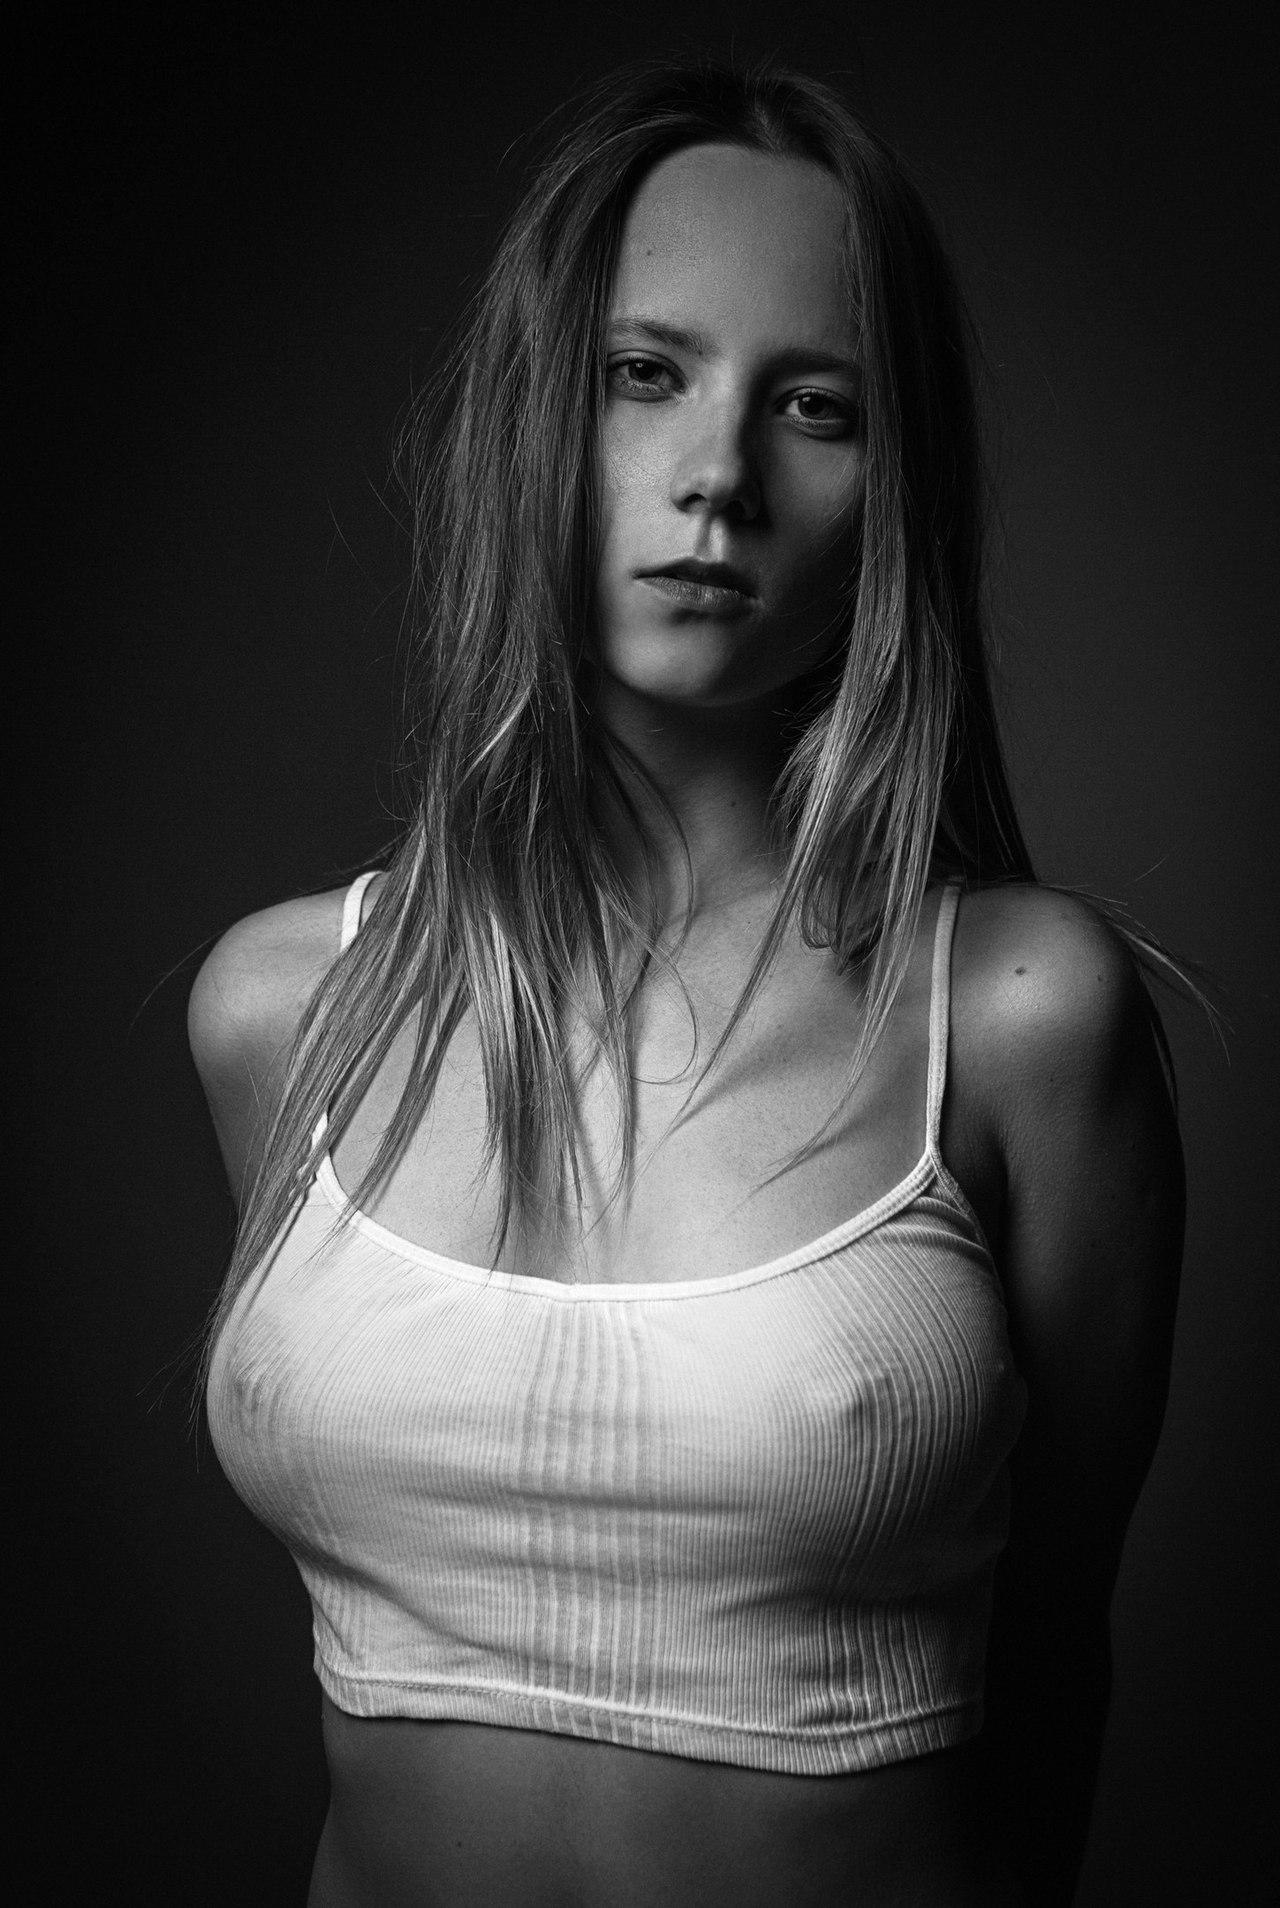 Diana Sedova